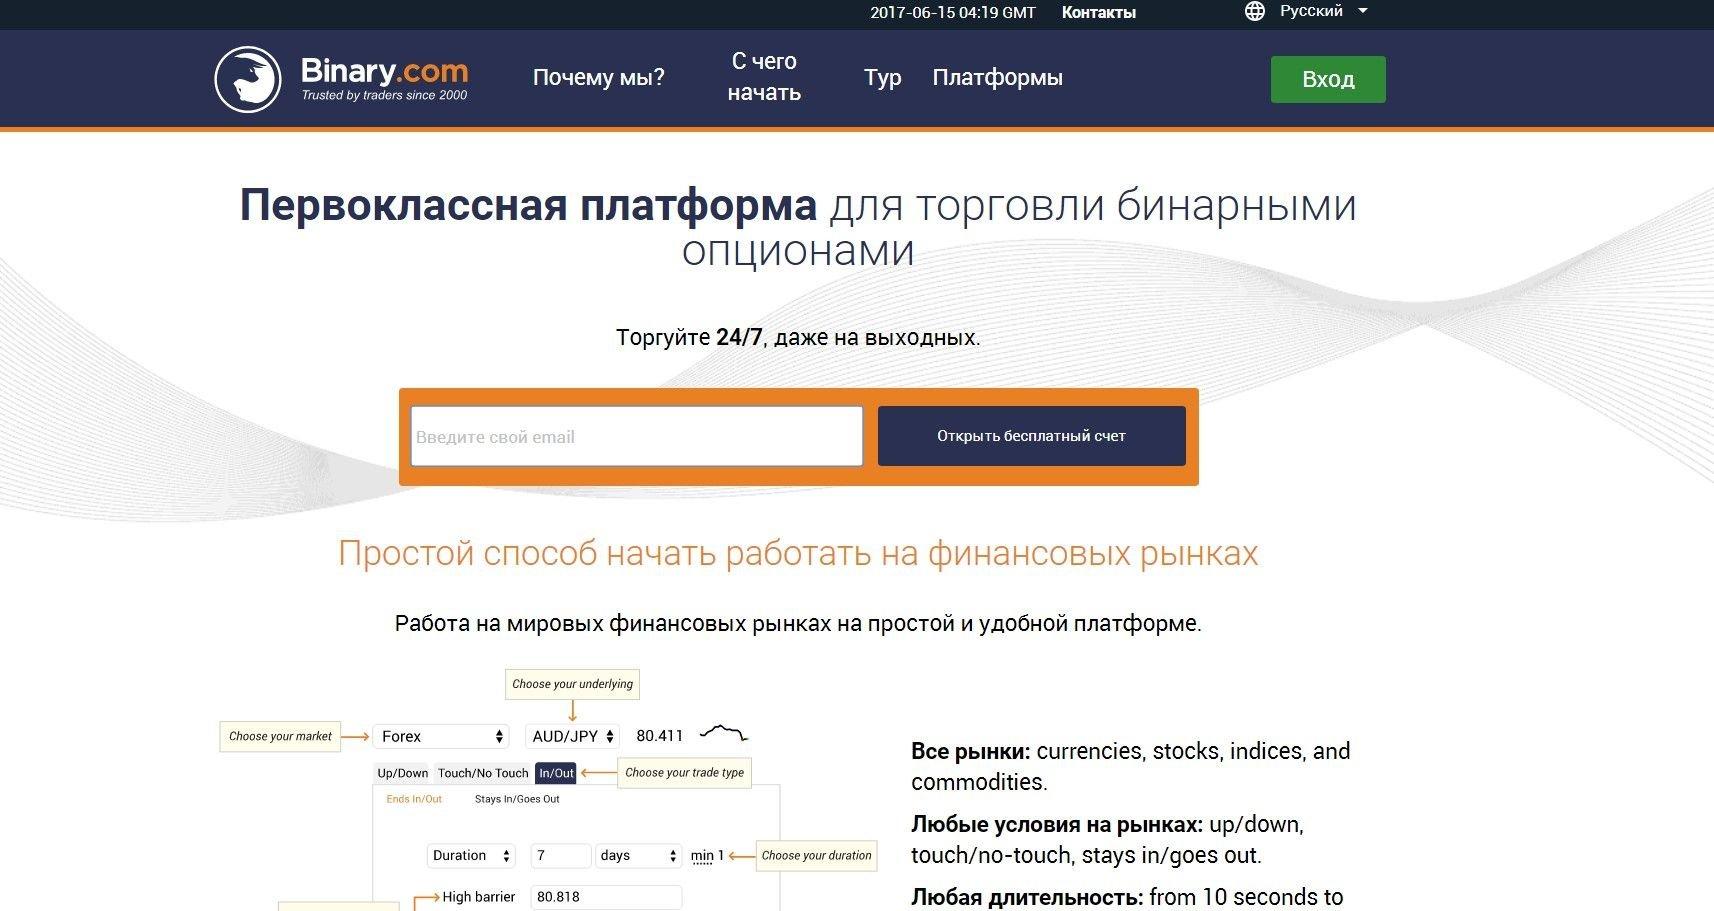 Для регистрации у брокера Binary.com необходимо перейти на официальный сайт binary.com